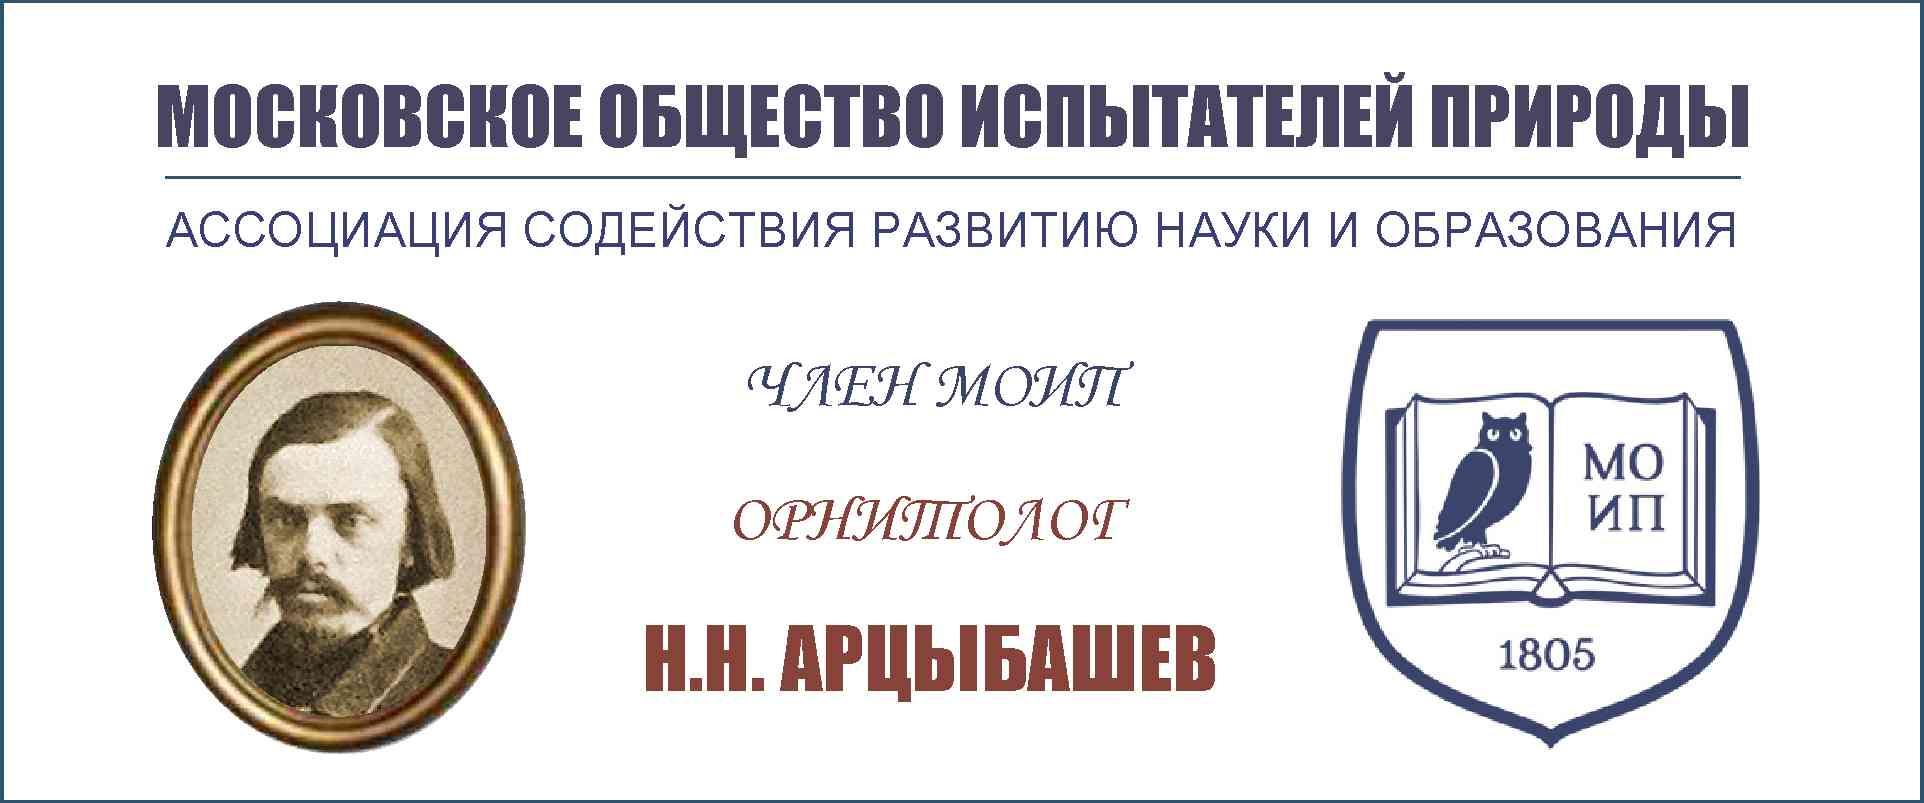 Дополнения к биографии Николая Николаевича Арцыбашева (1835-1878)